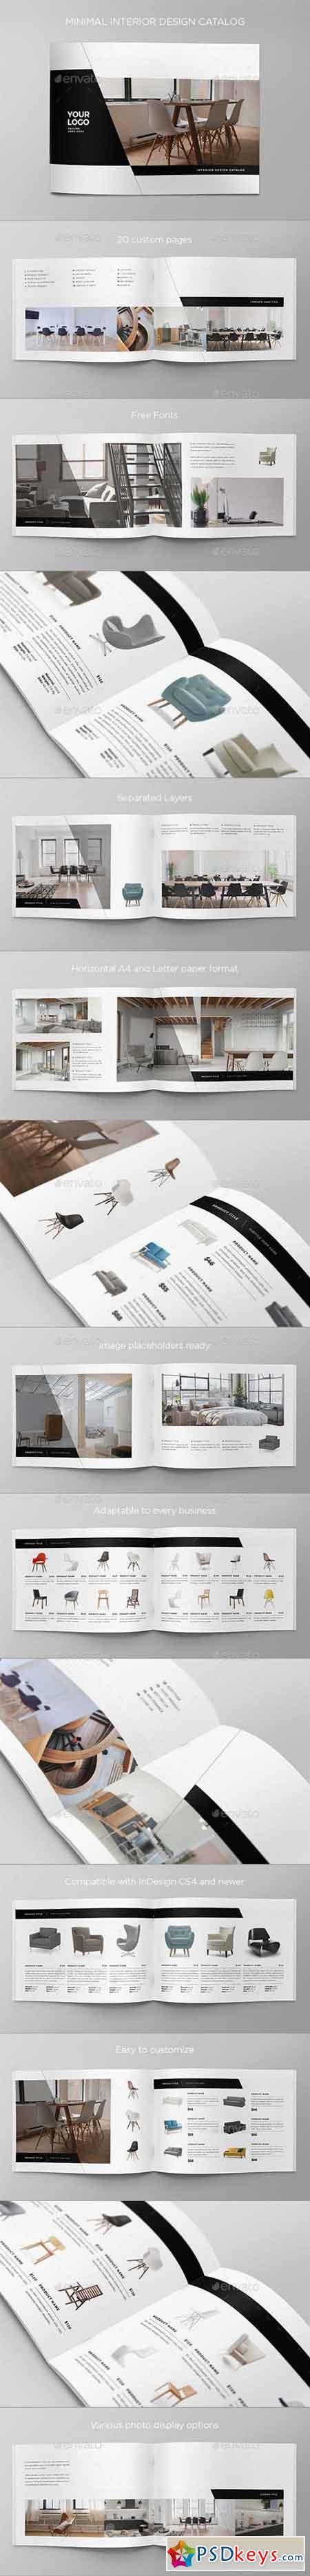 Minimal Interior Design Catalog 20507492